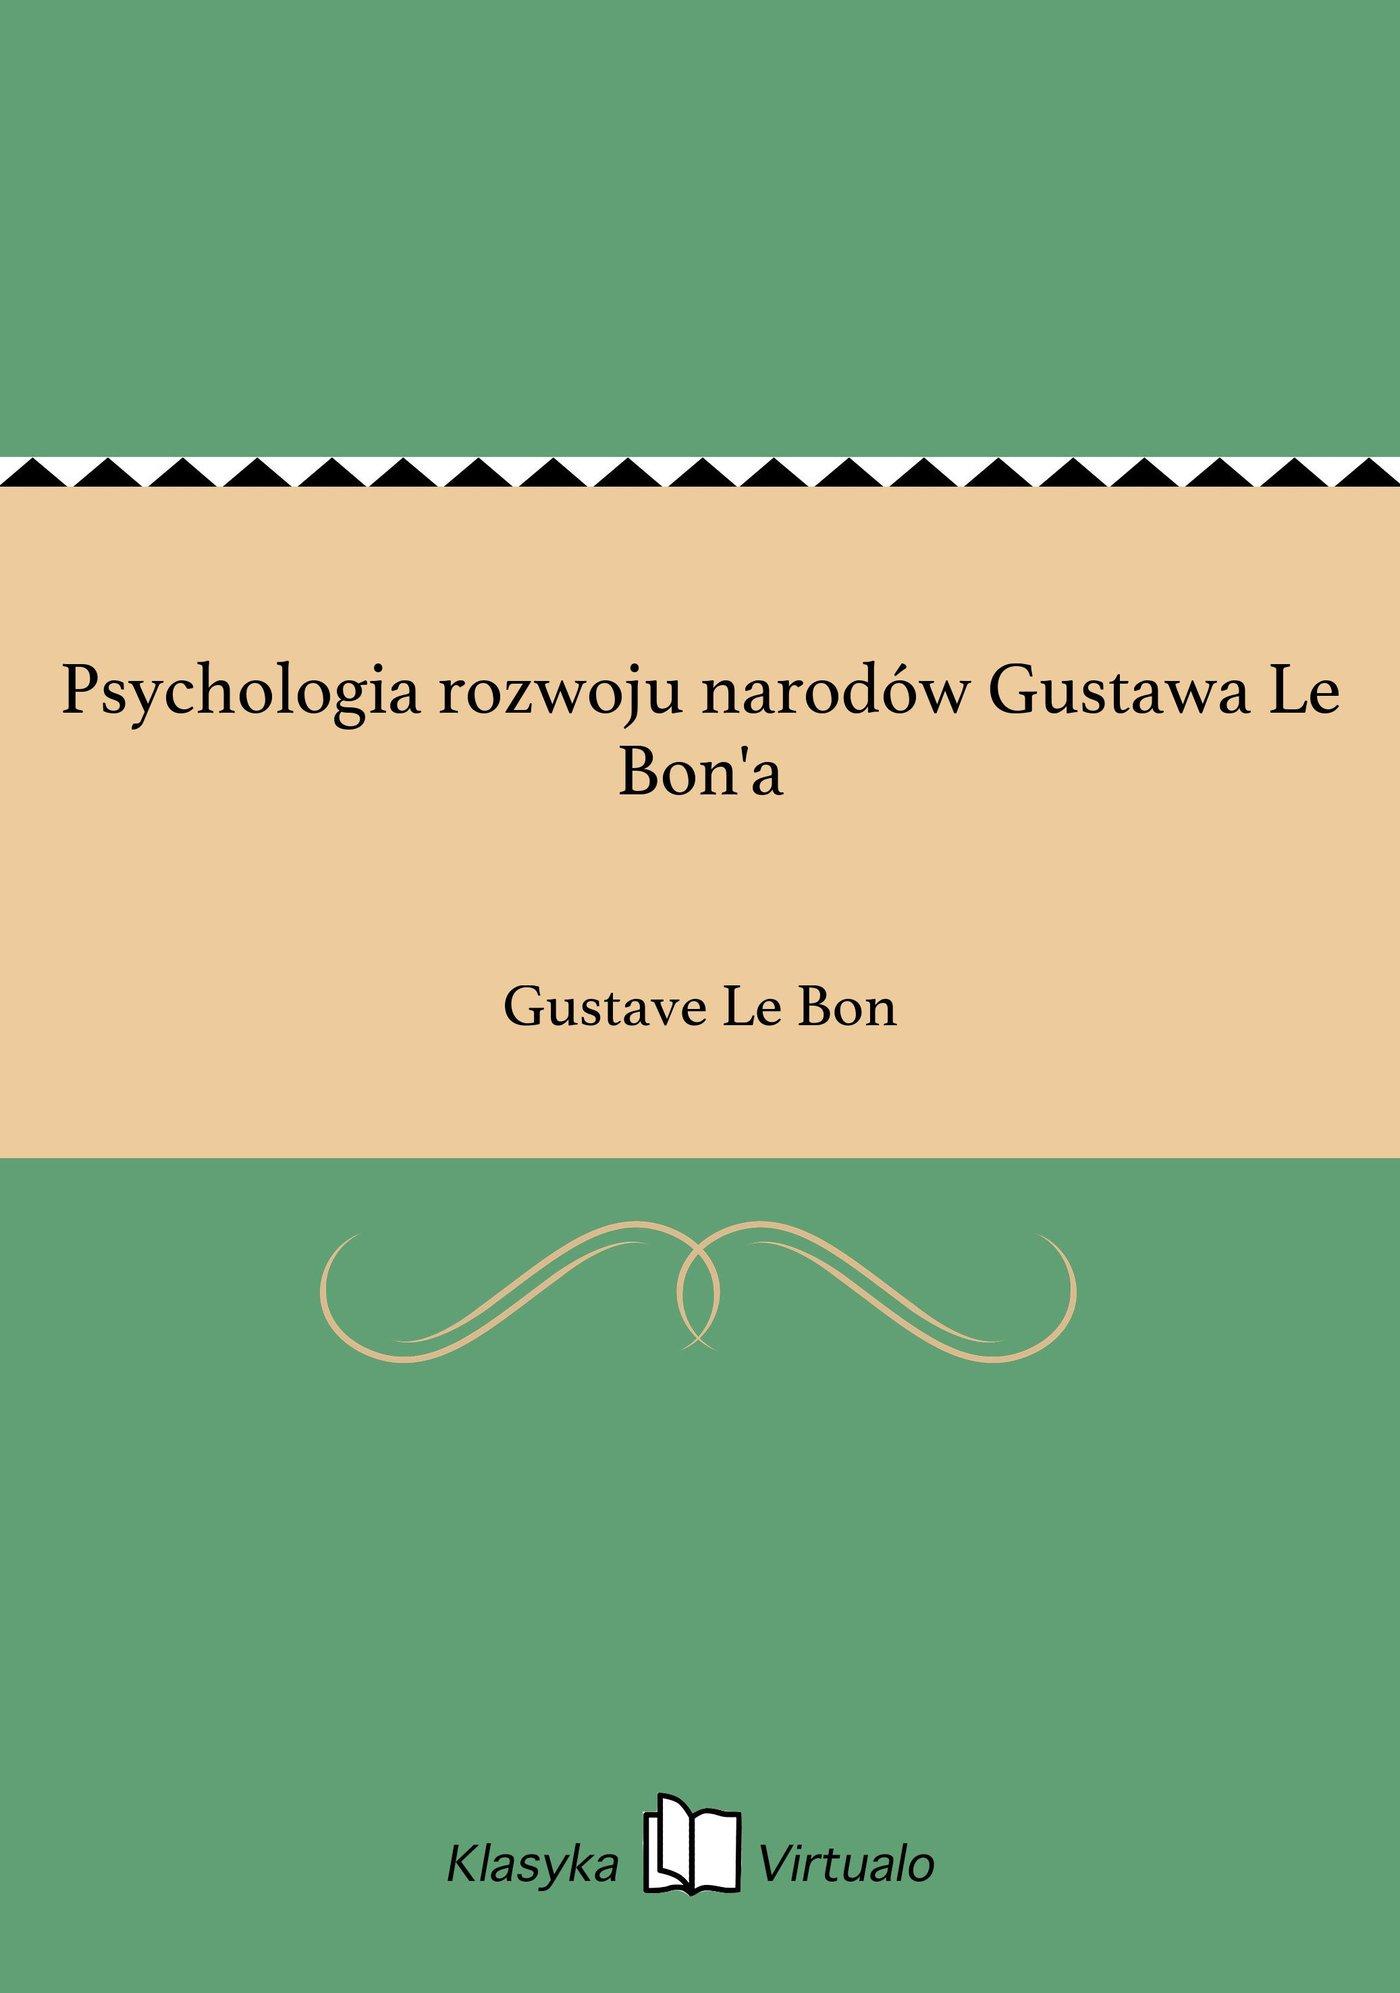 Psychologia rozwoju narodów Gustawa Le Bon'a - Ebook (Książka EPUB) do pobrania w formacie EPUB